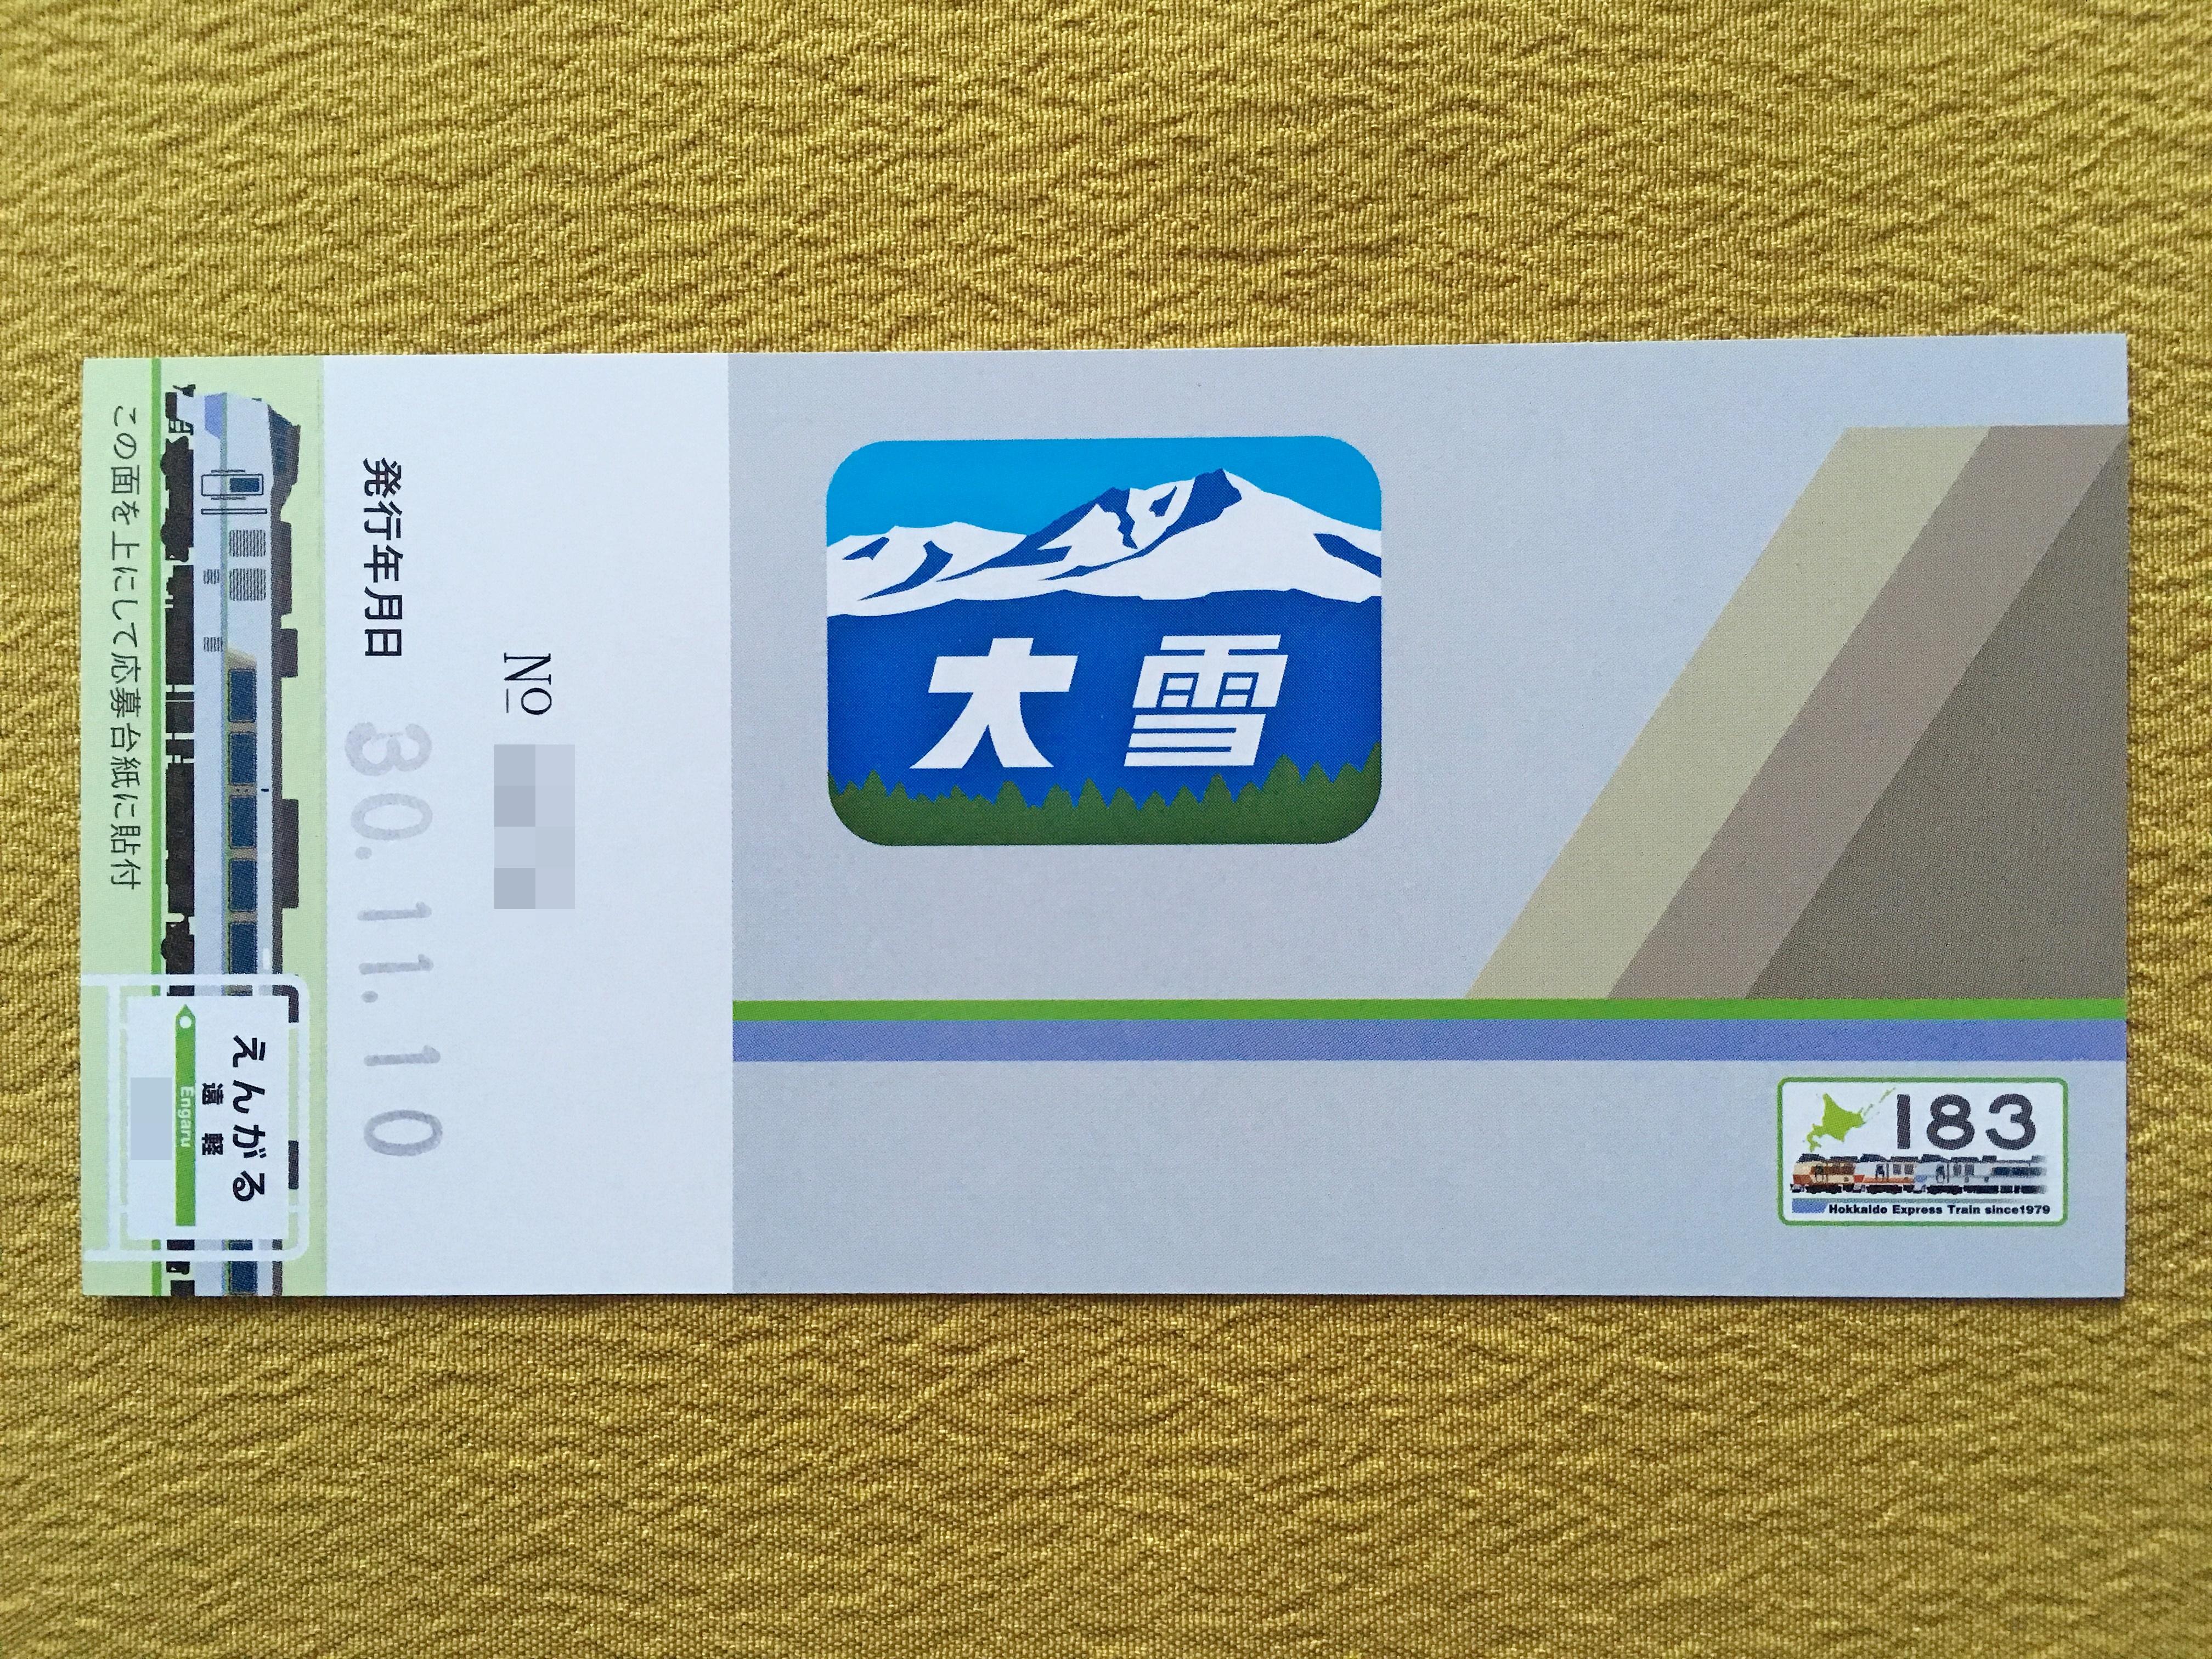 キハ183-0系記念入場券 遠軽駅裏.JPG